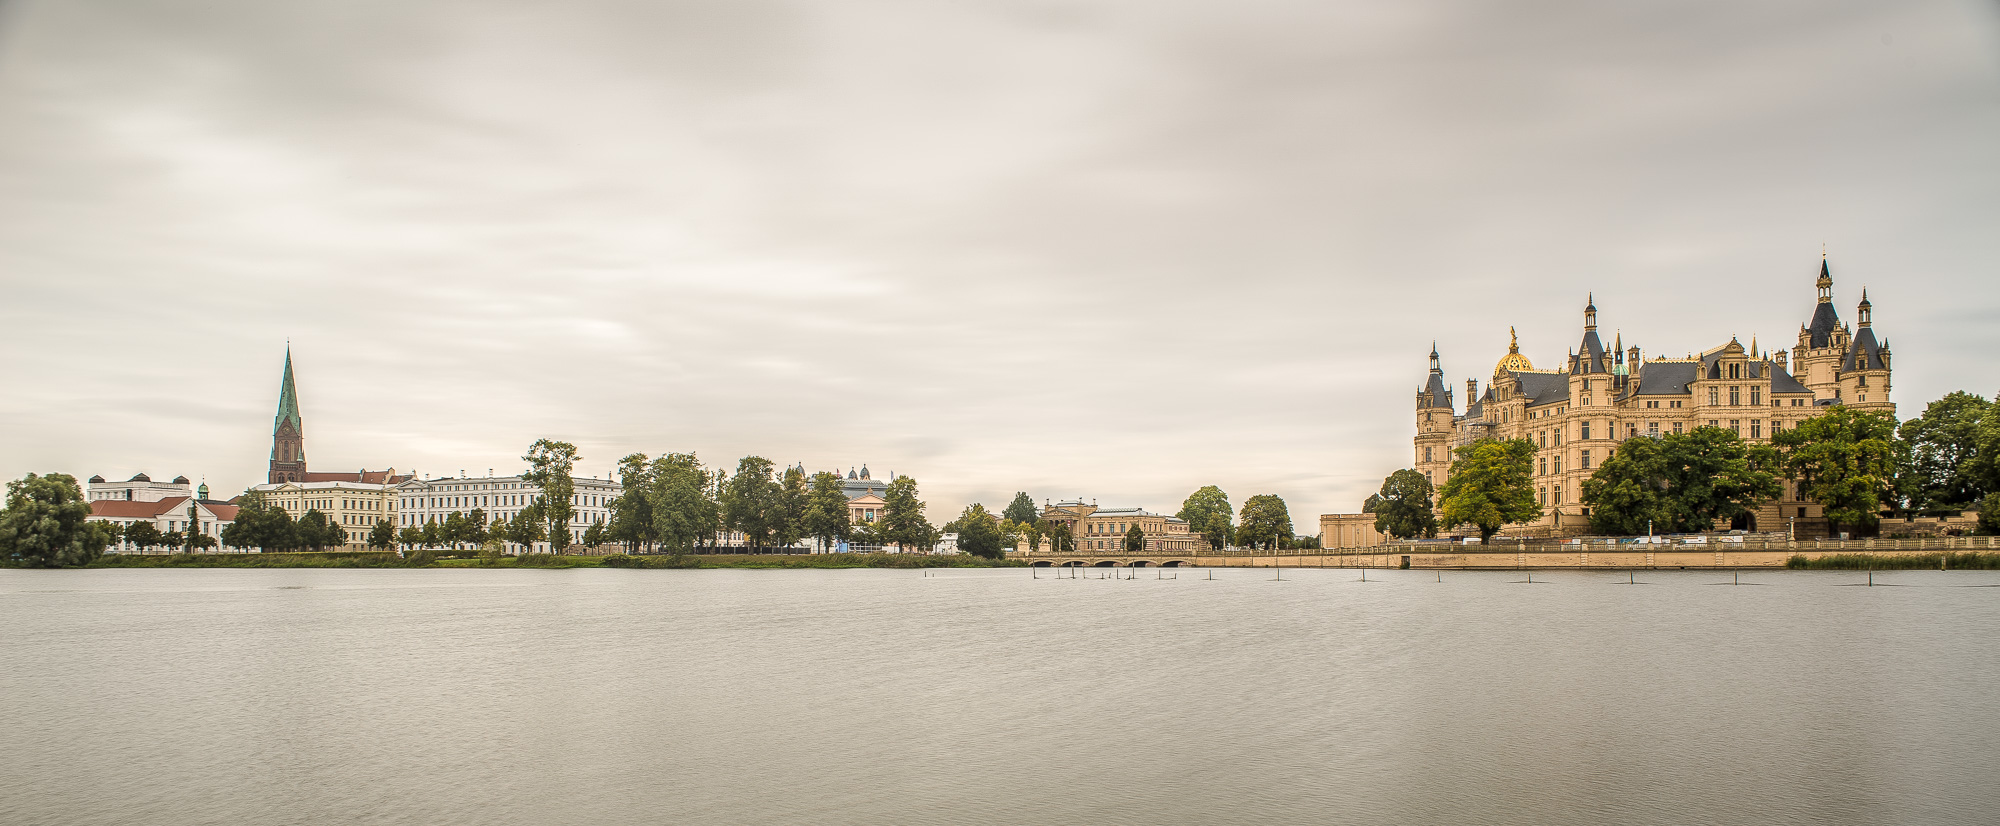 Schwerin: Panorama mit Dom, Theater und Schloss